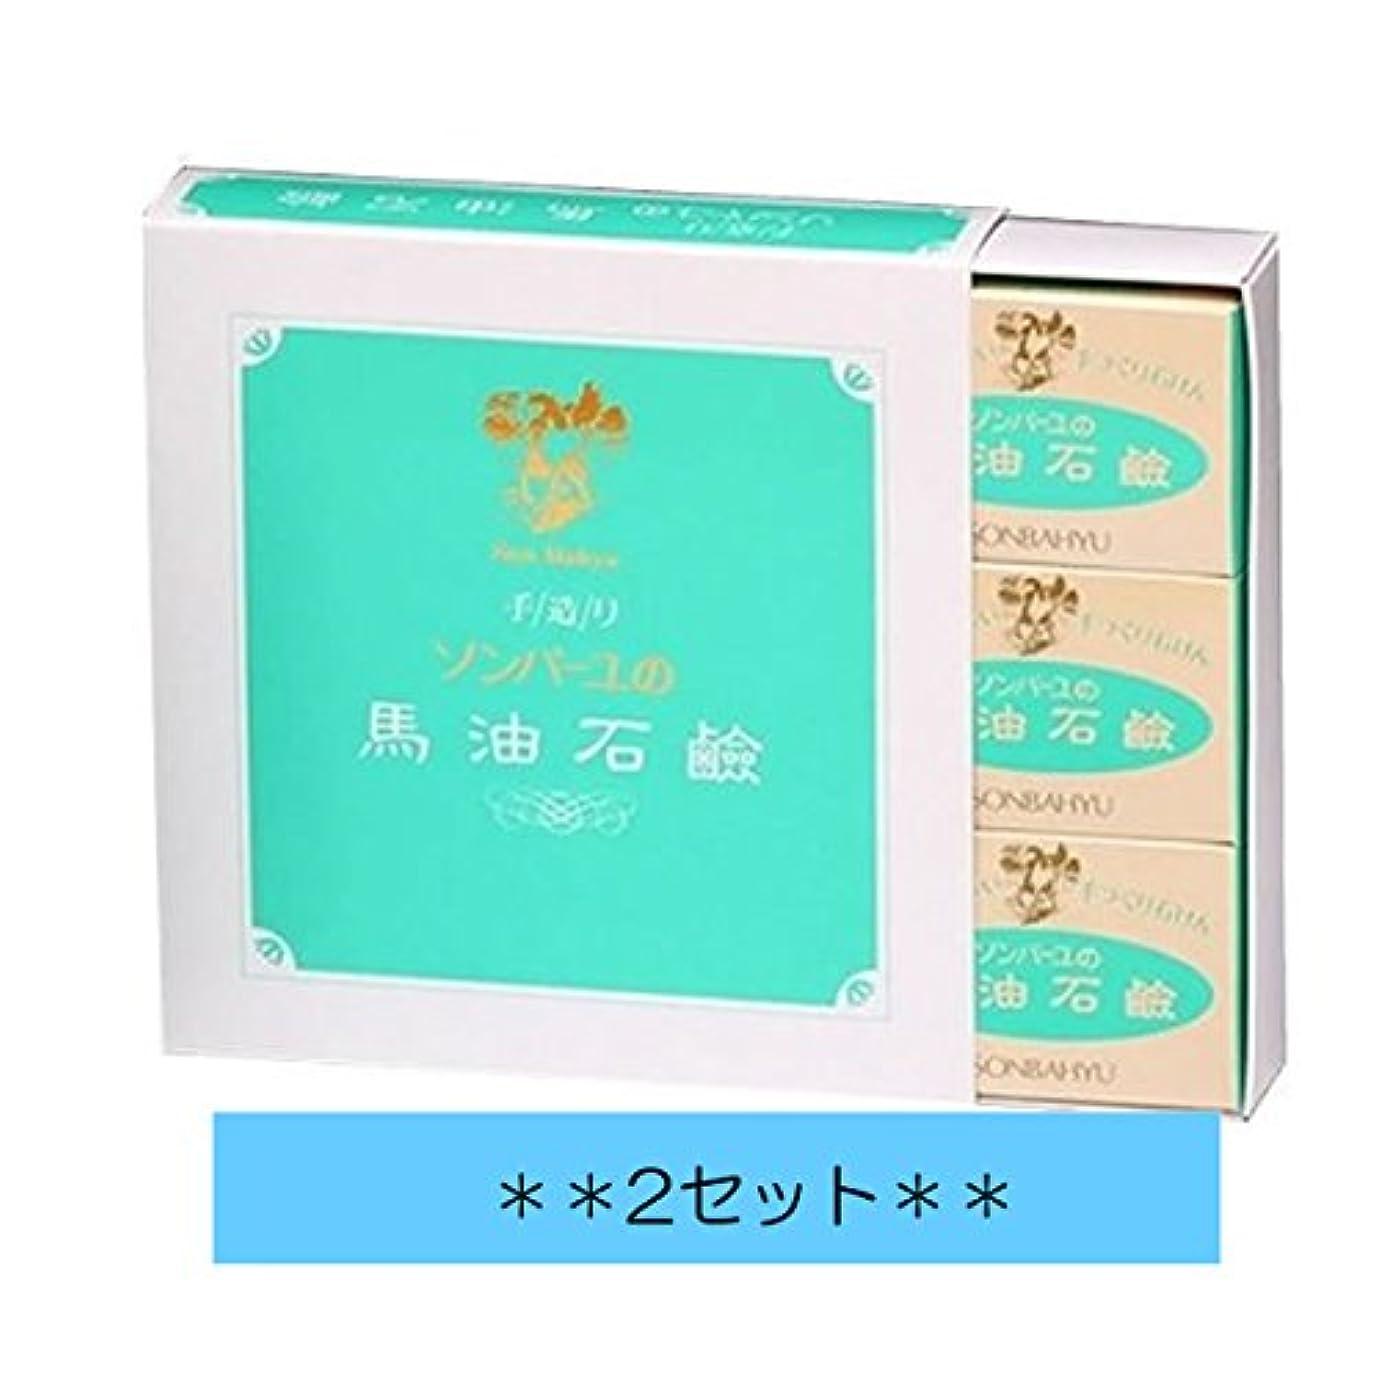 決定分離混雑【2箱セット】ソンバーユ石鹸 85g×6個